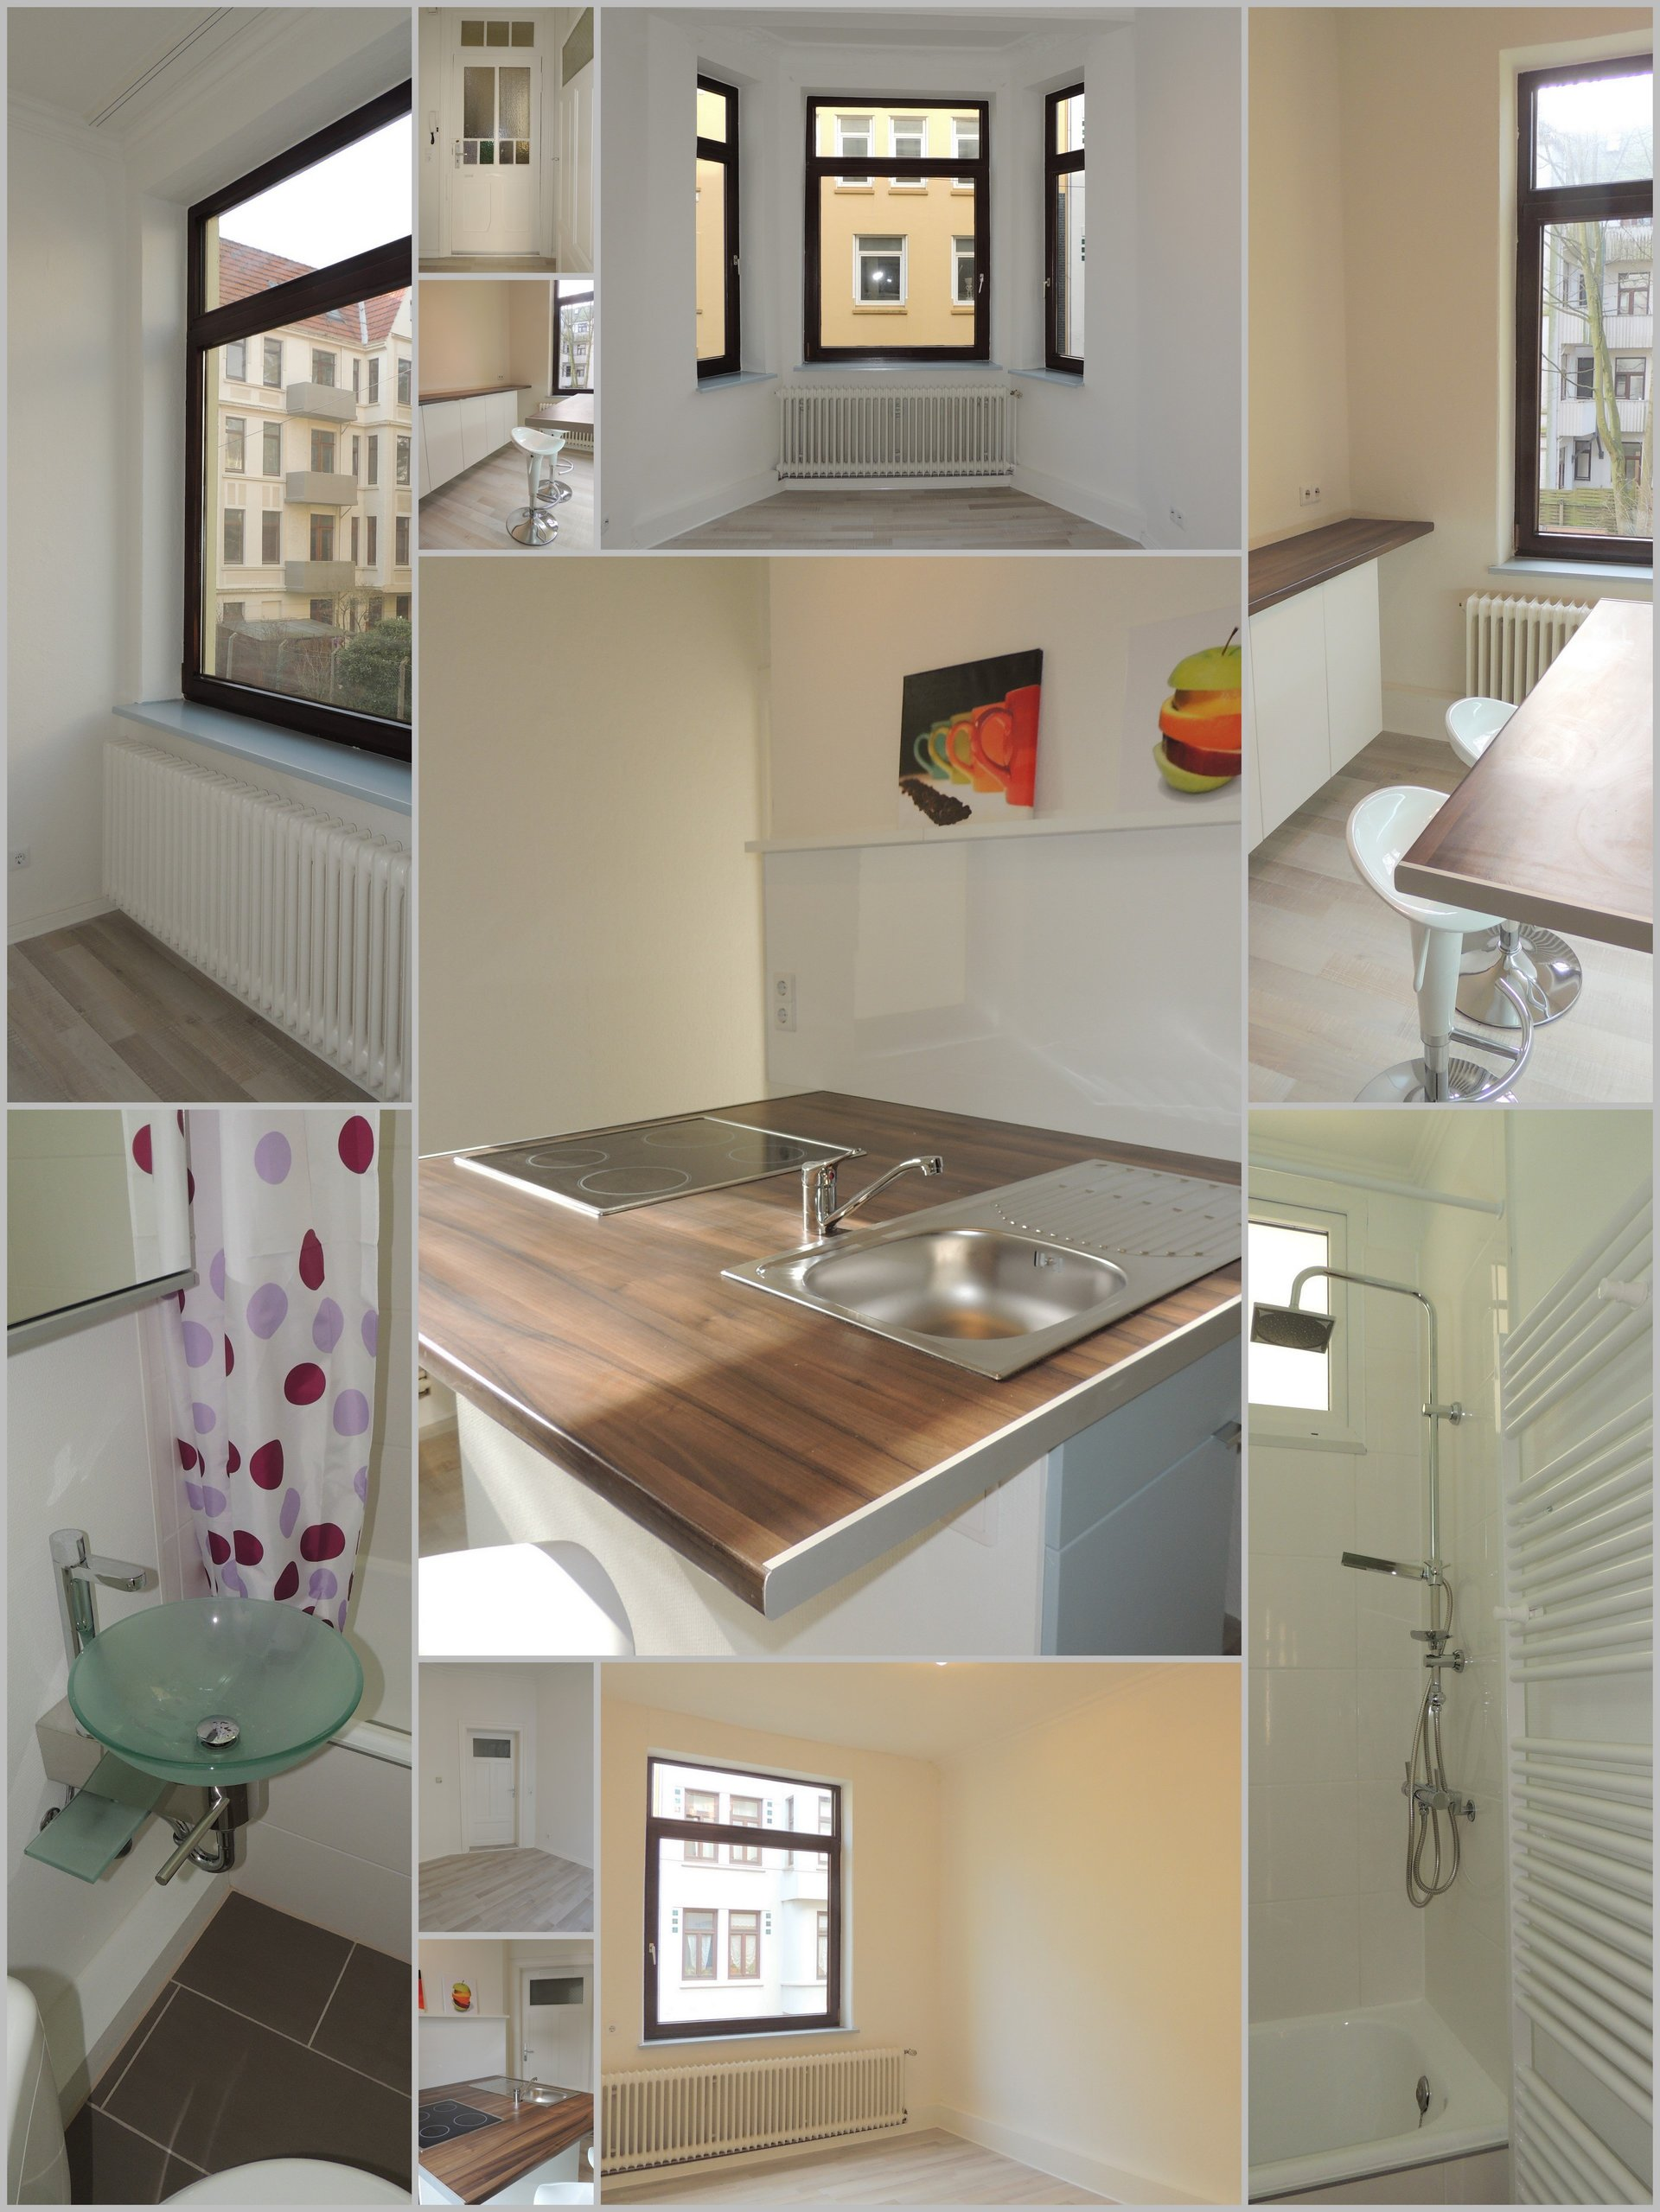 aktuell freie mietwohnungen im altbau wohnen. Black Bedroom Furniture Sets. Home Design Ideas